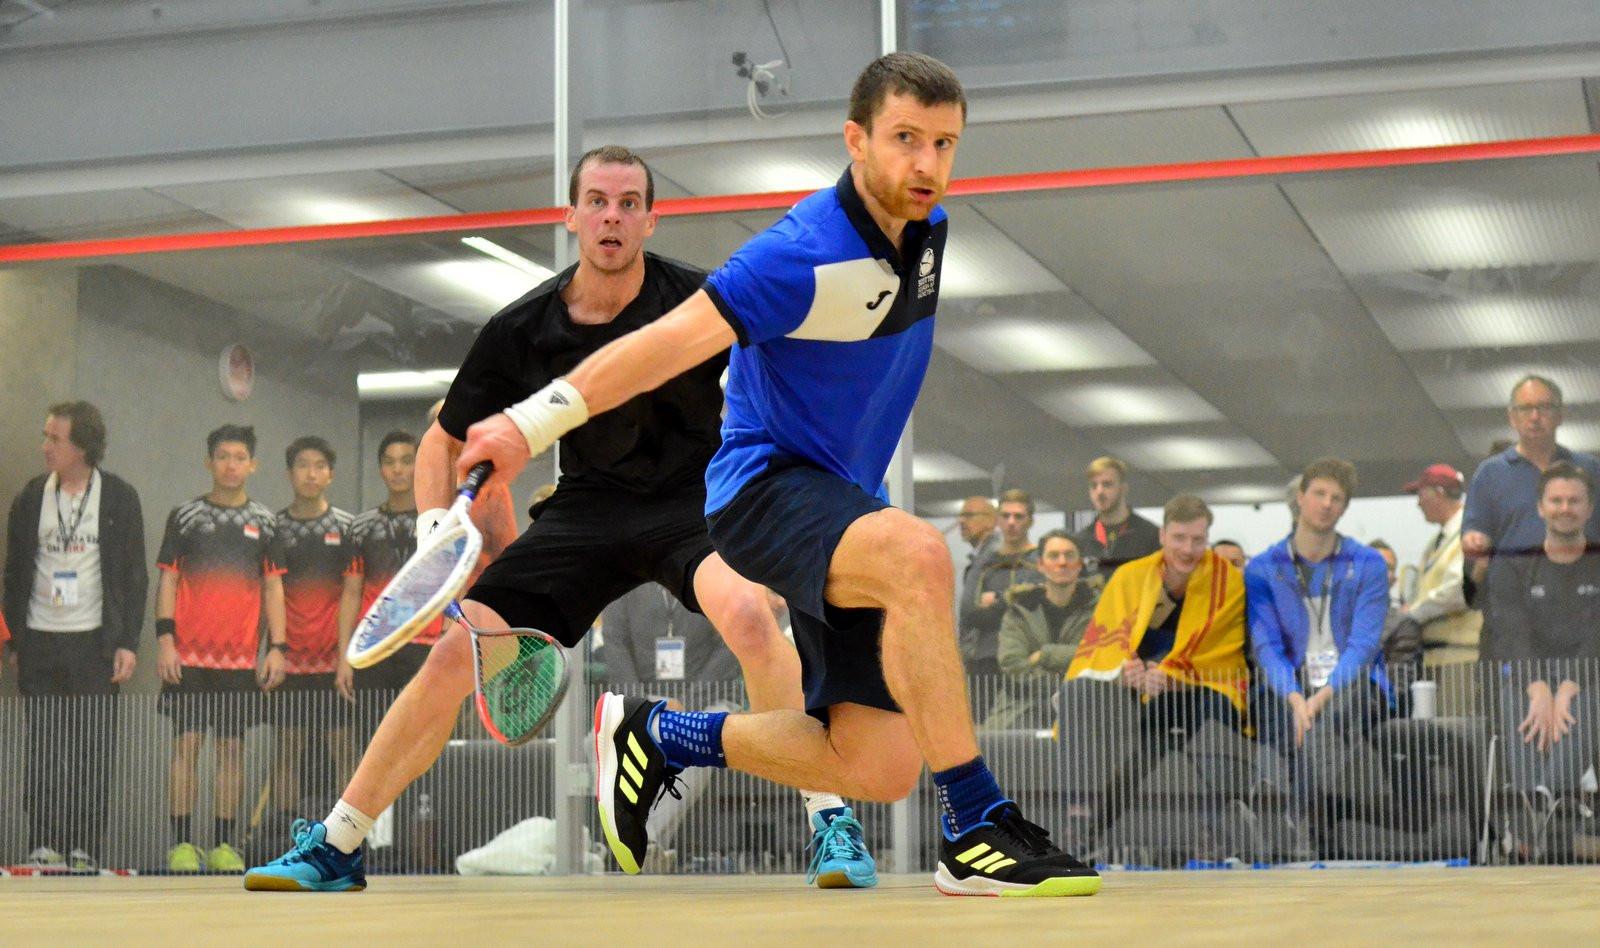 Scotland stun New Zealand at Men's World Team Squash Championship